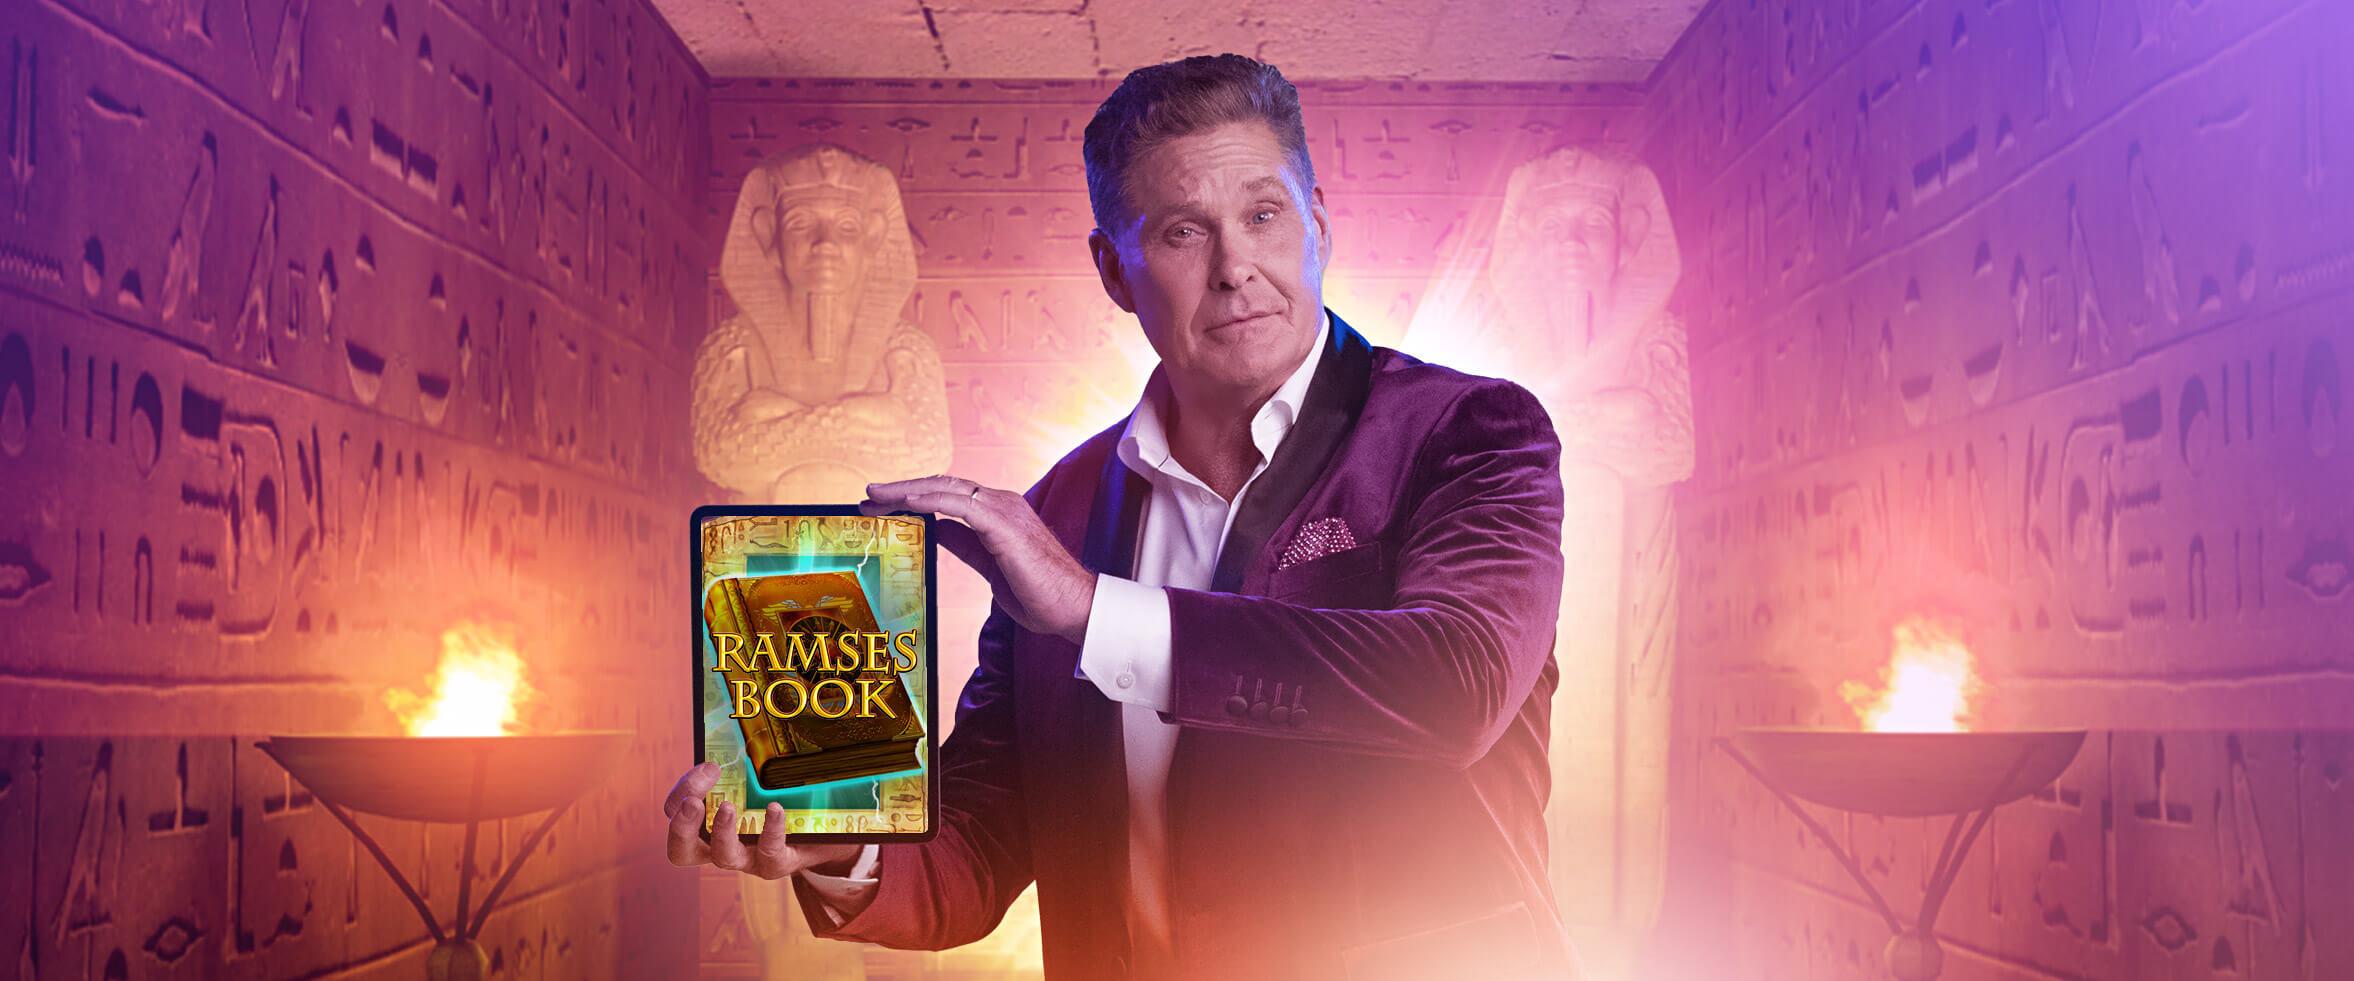 Jouez à Ramses Book pour courir la chance de gagner une part de 10 000 $ en prix